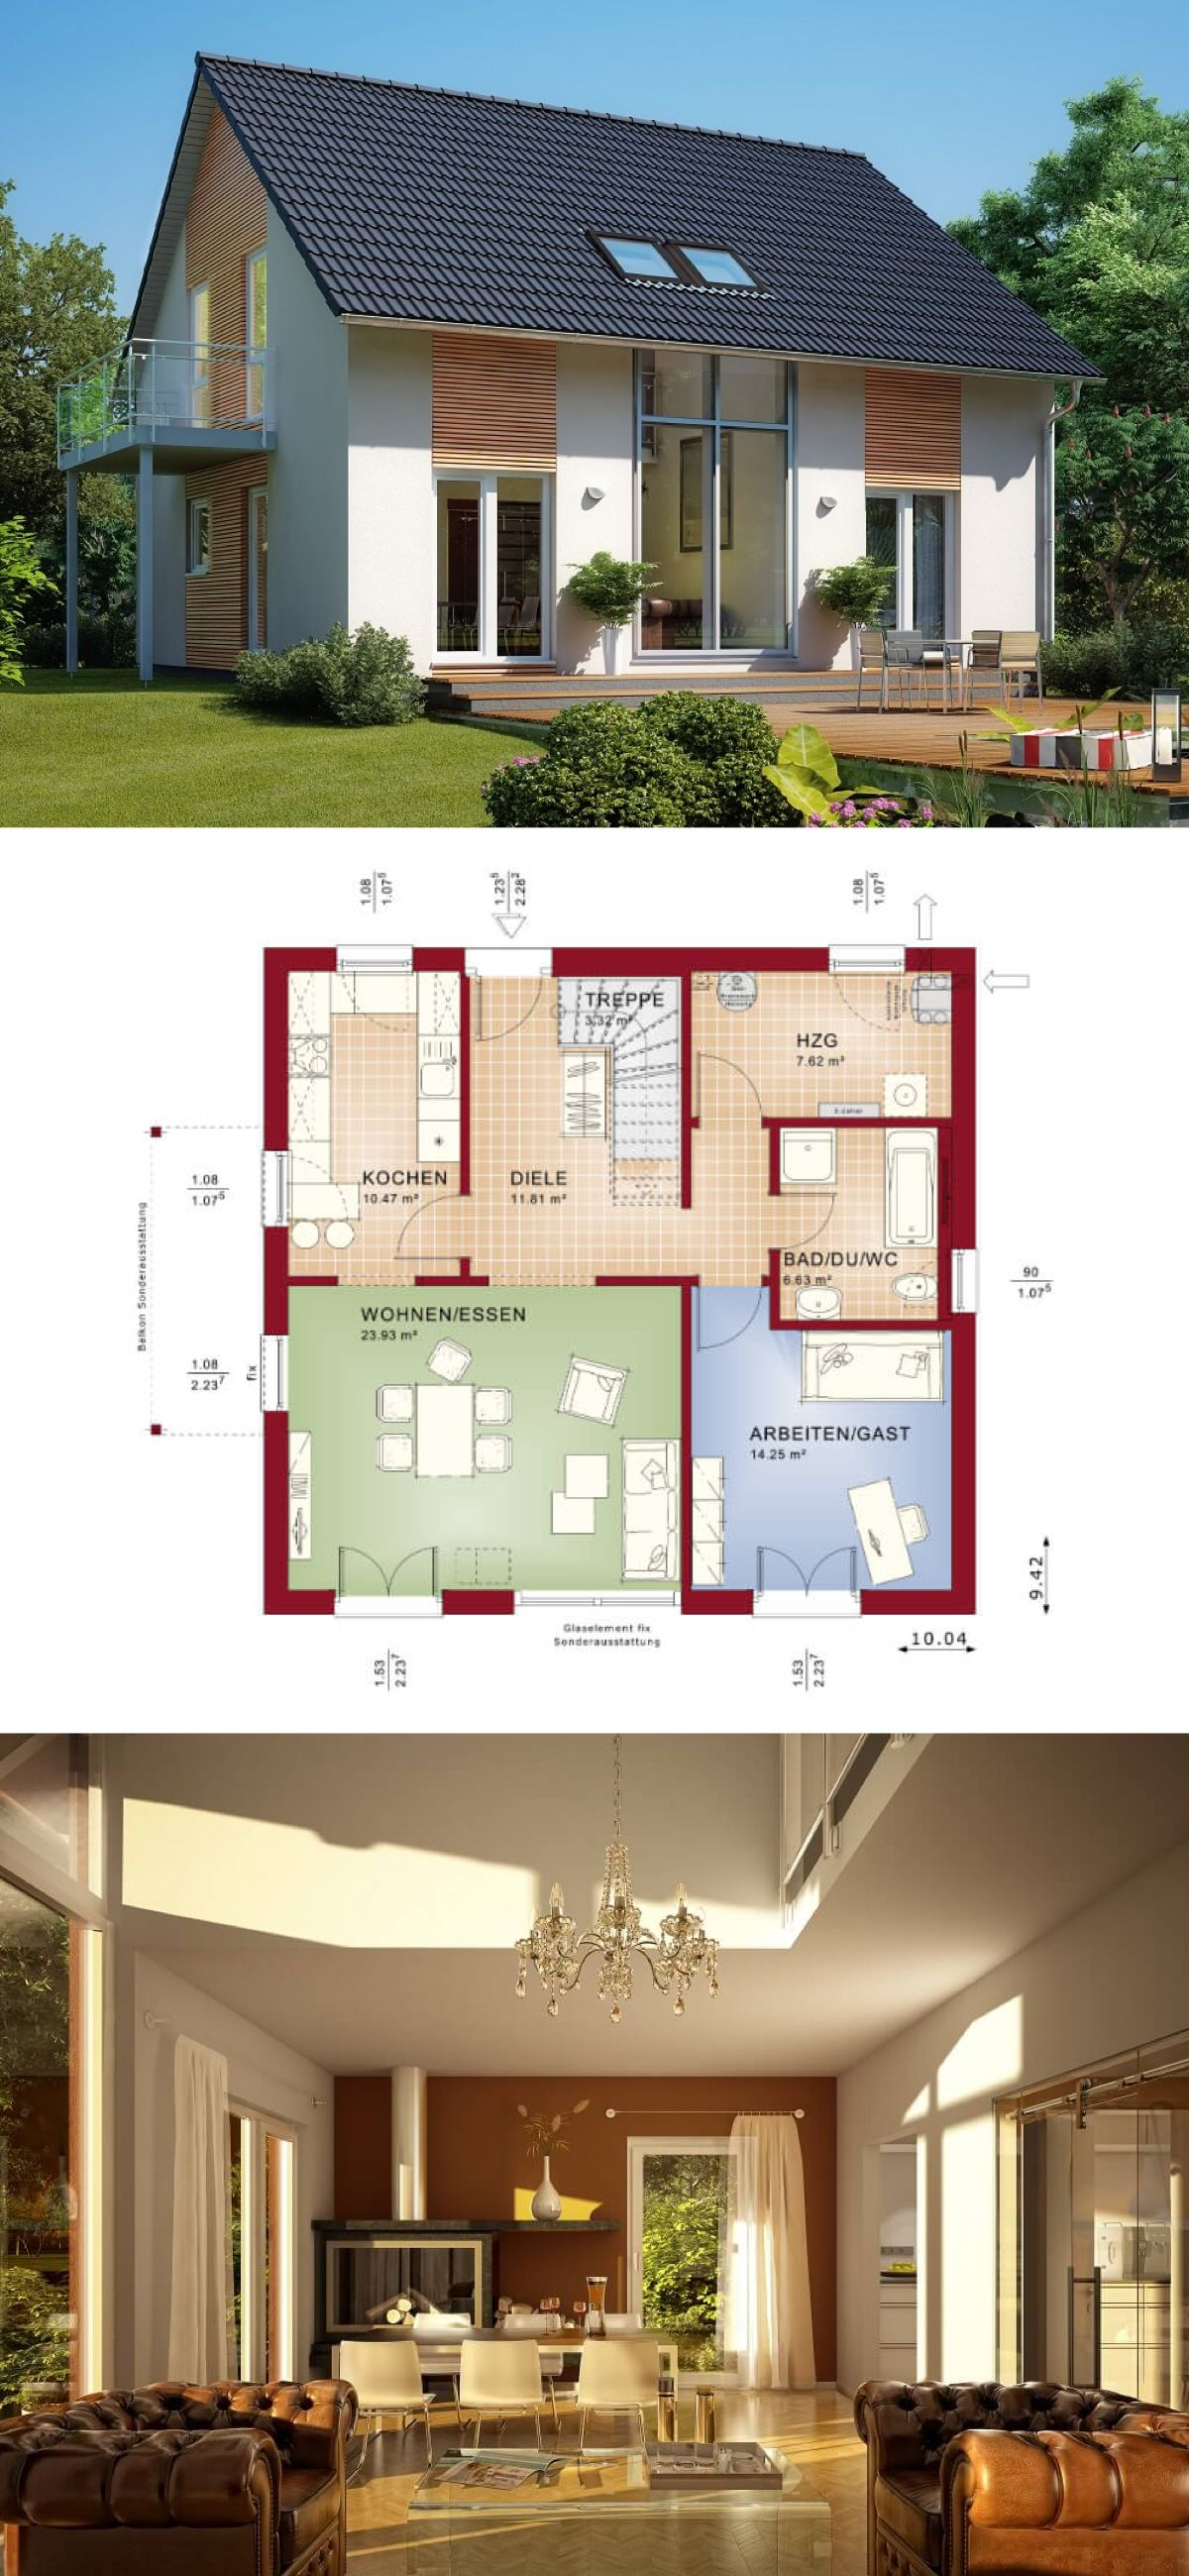 Modernes Einfamilienhaus Mit Galerie Und Satteldach Architektur Grundriss Haus Ideen Celebration 150 V2 Bien Zenker Fertighau Fertighaus Bauen Traumhaus Haus